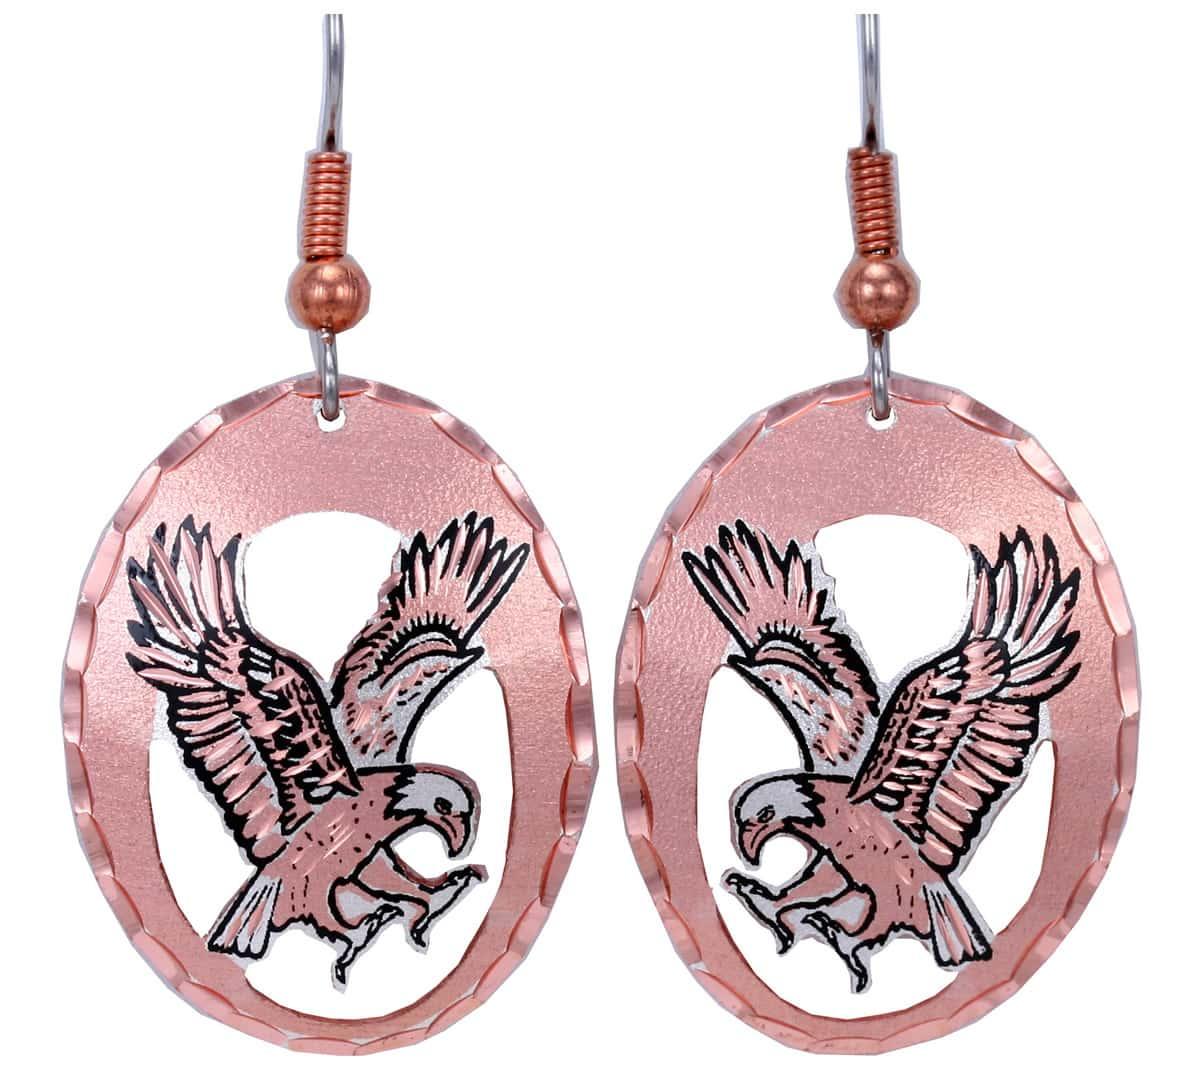 Handmade Bald Eagle Earrings Wholesale